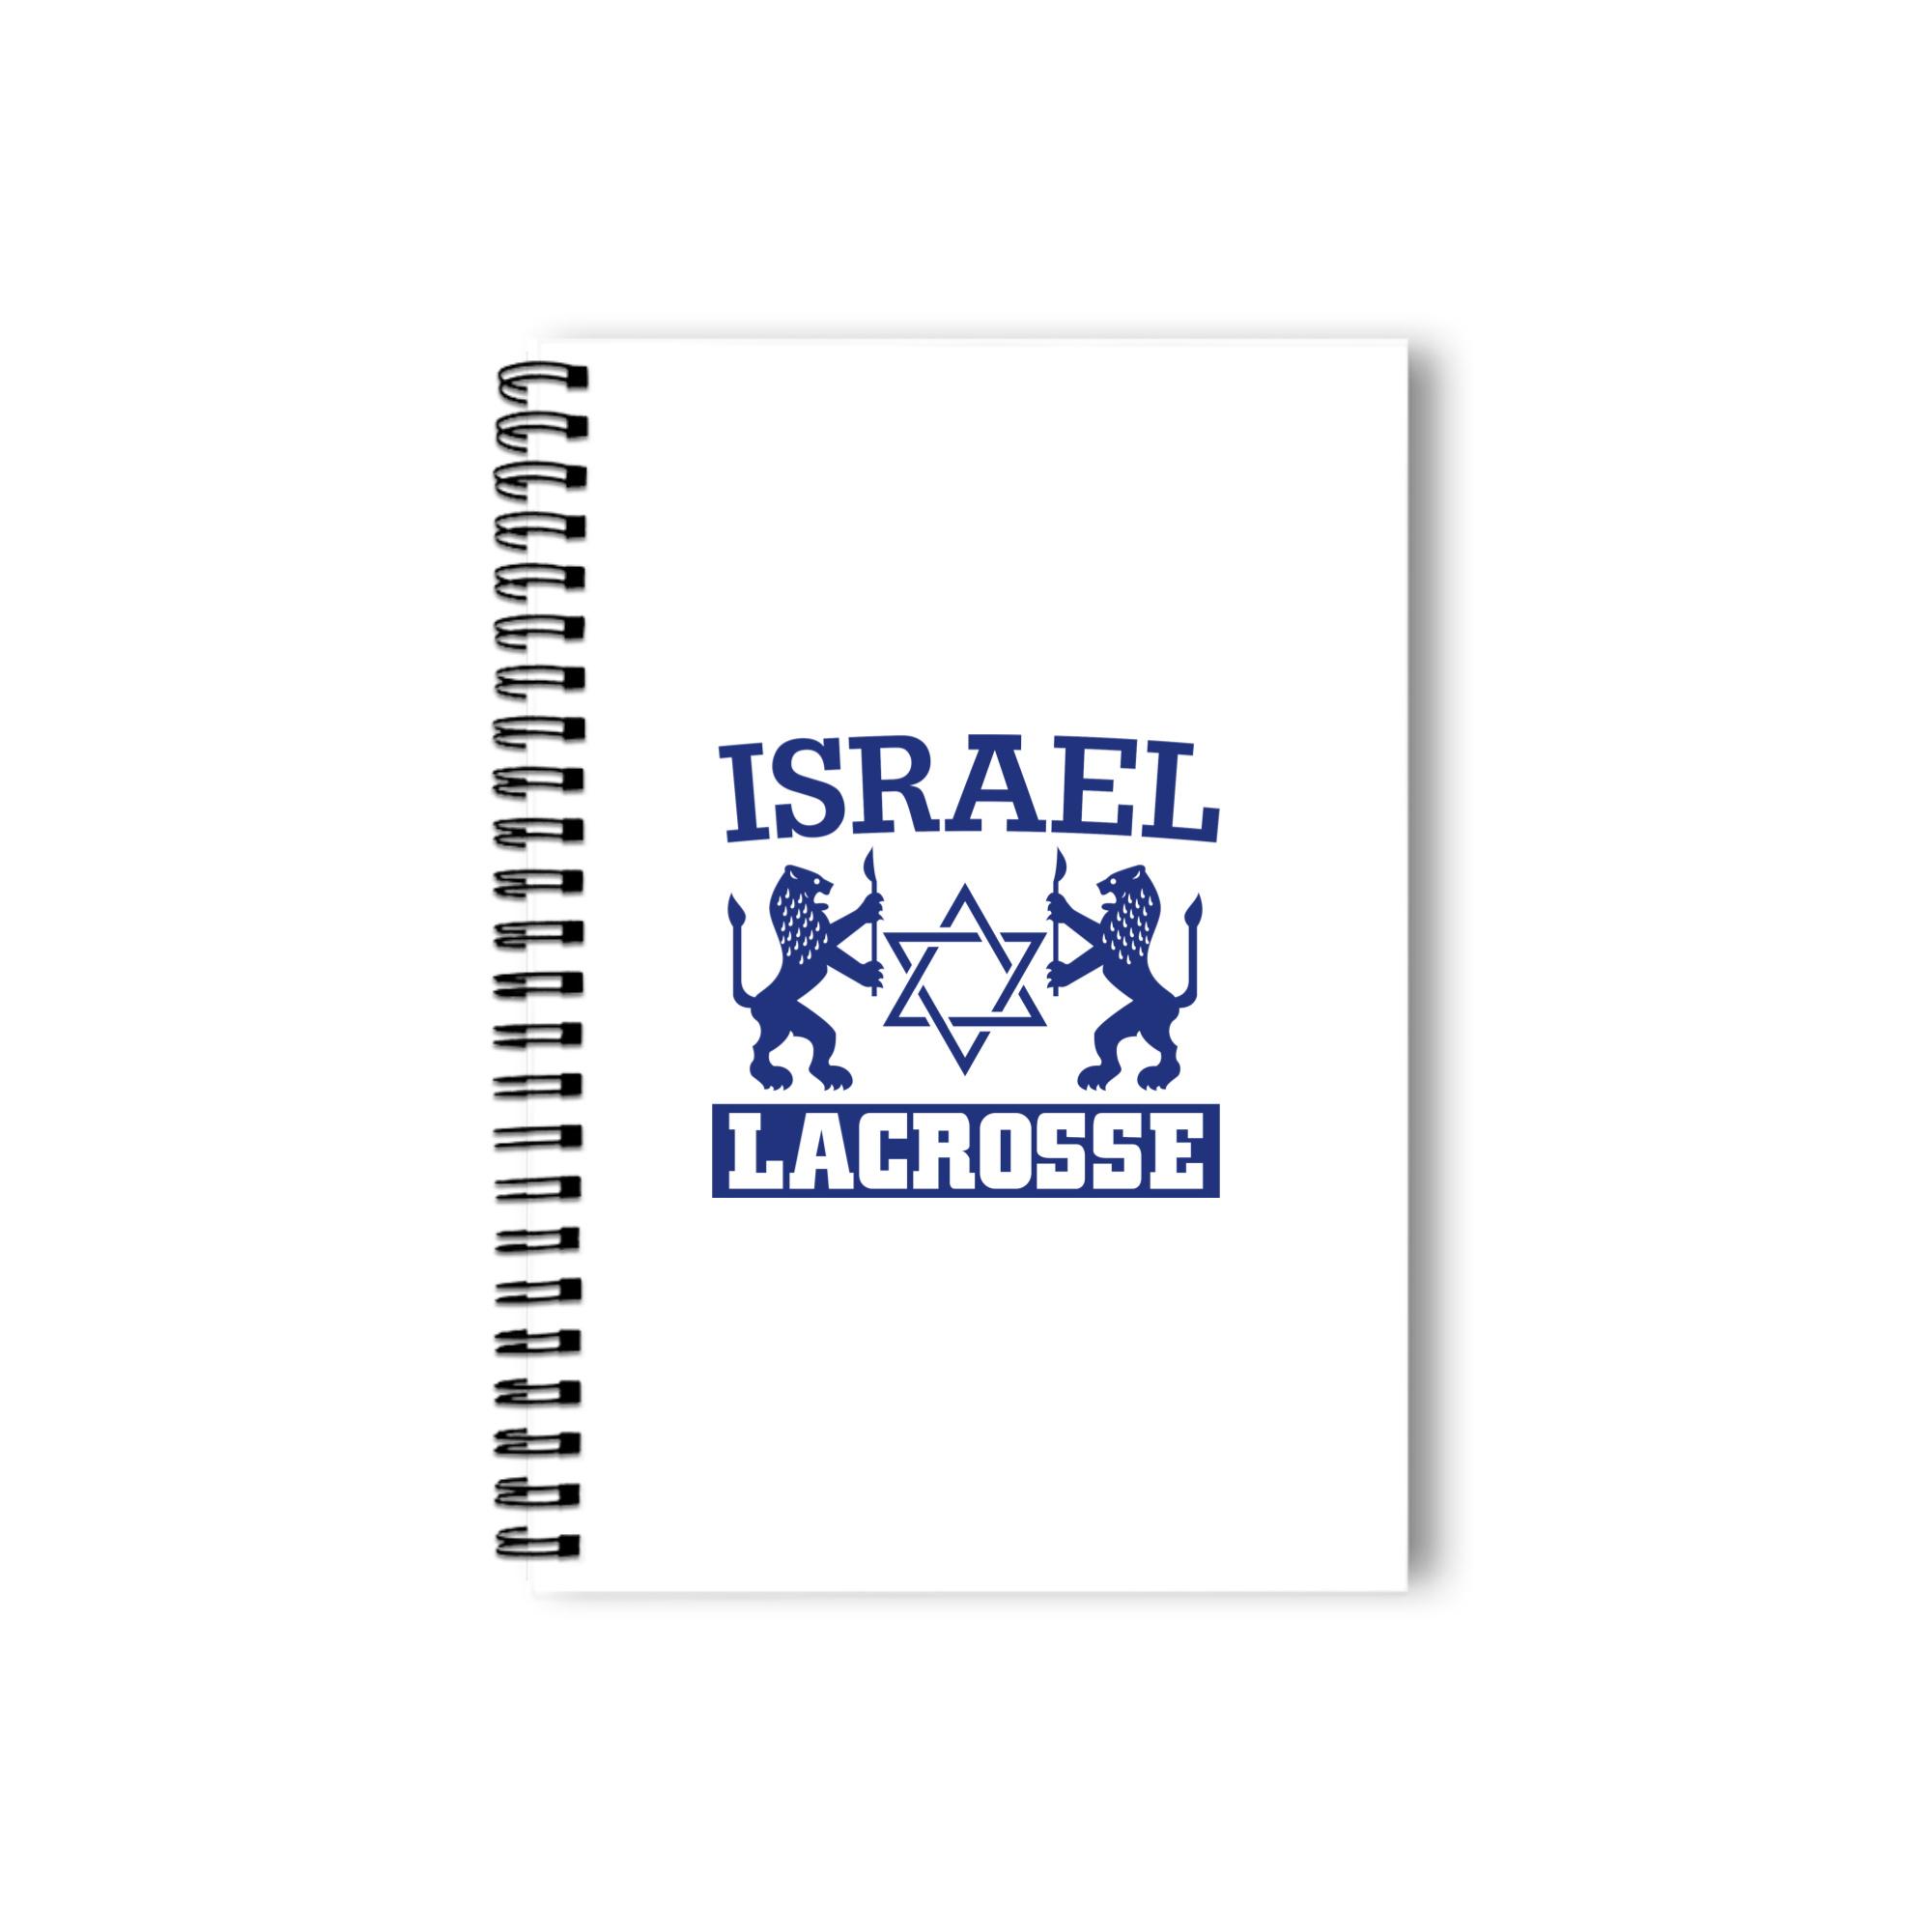 Israel Lacrosse Notebook